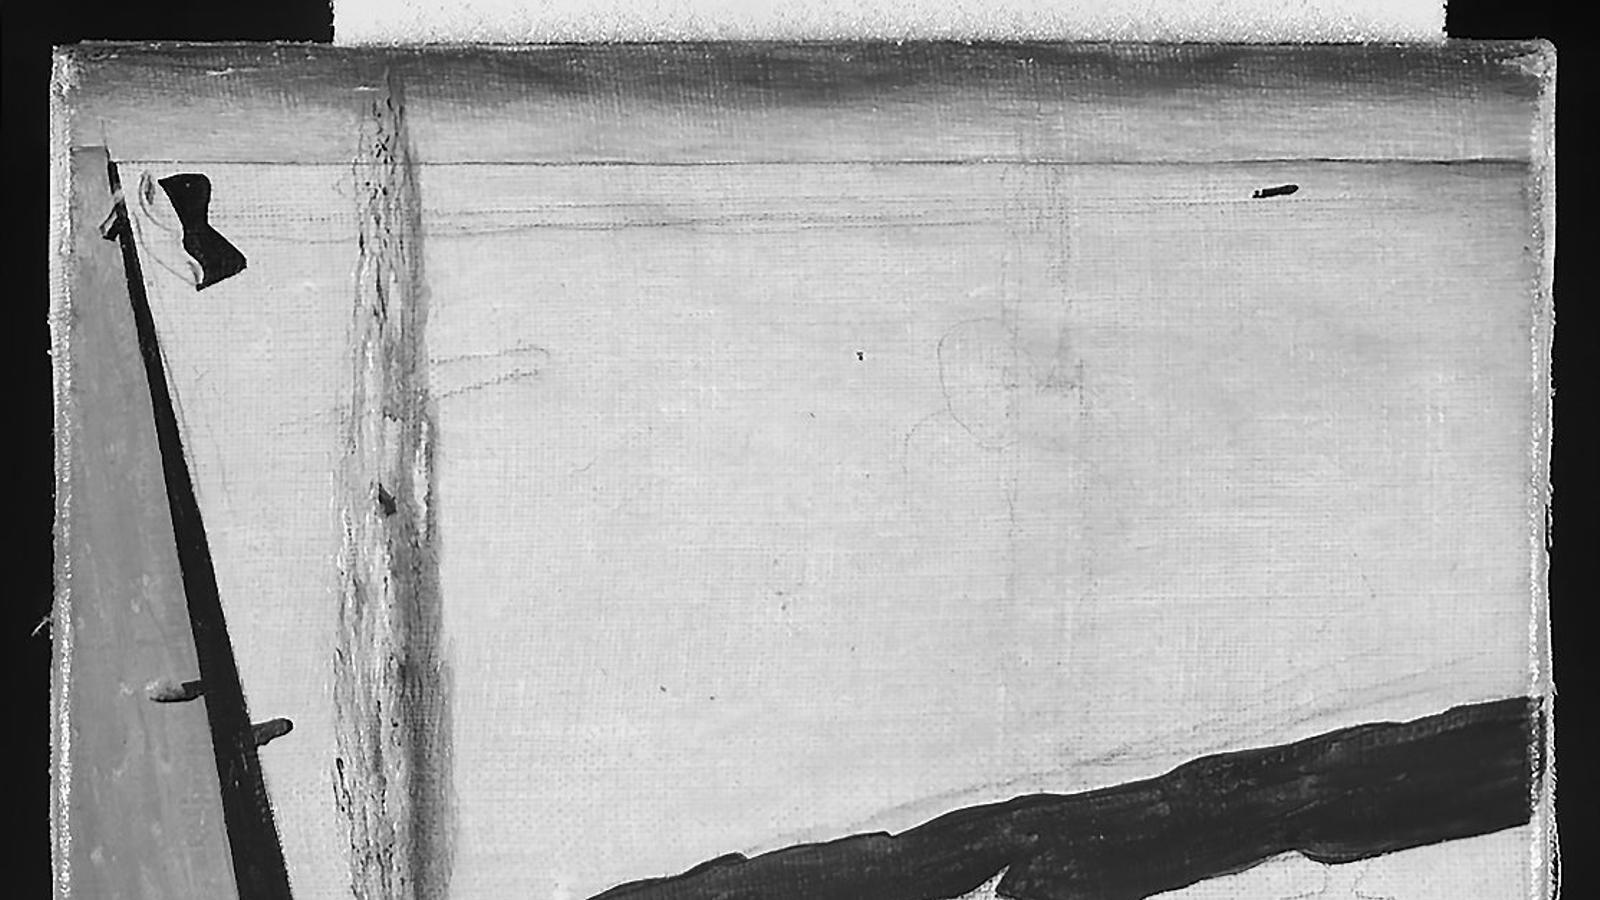 Els detalls ocults de l''Home peix' de Dalí